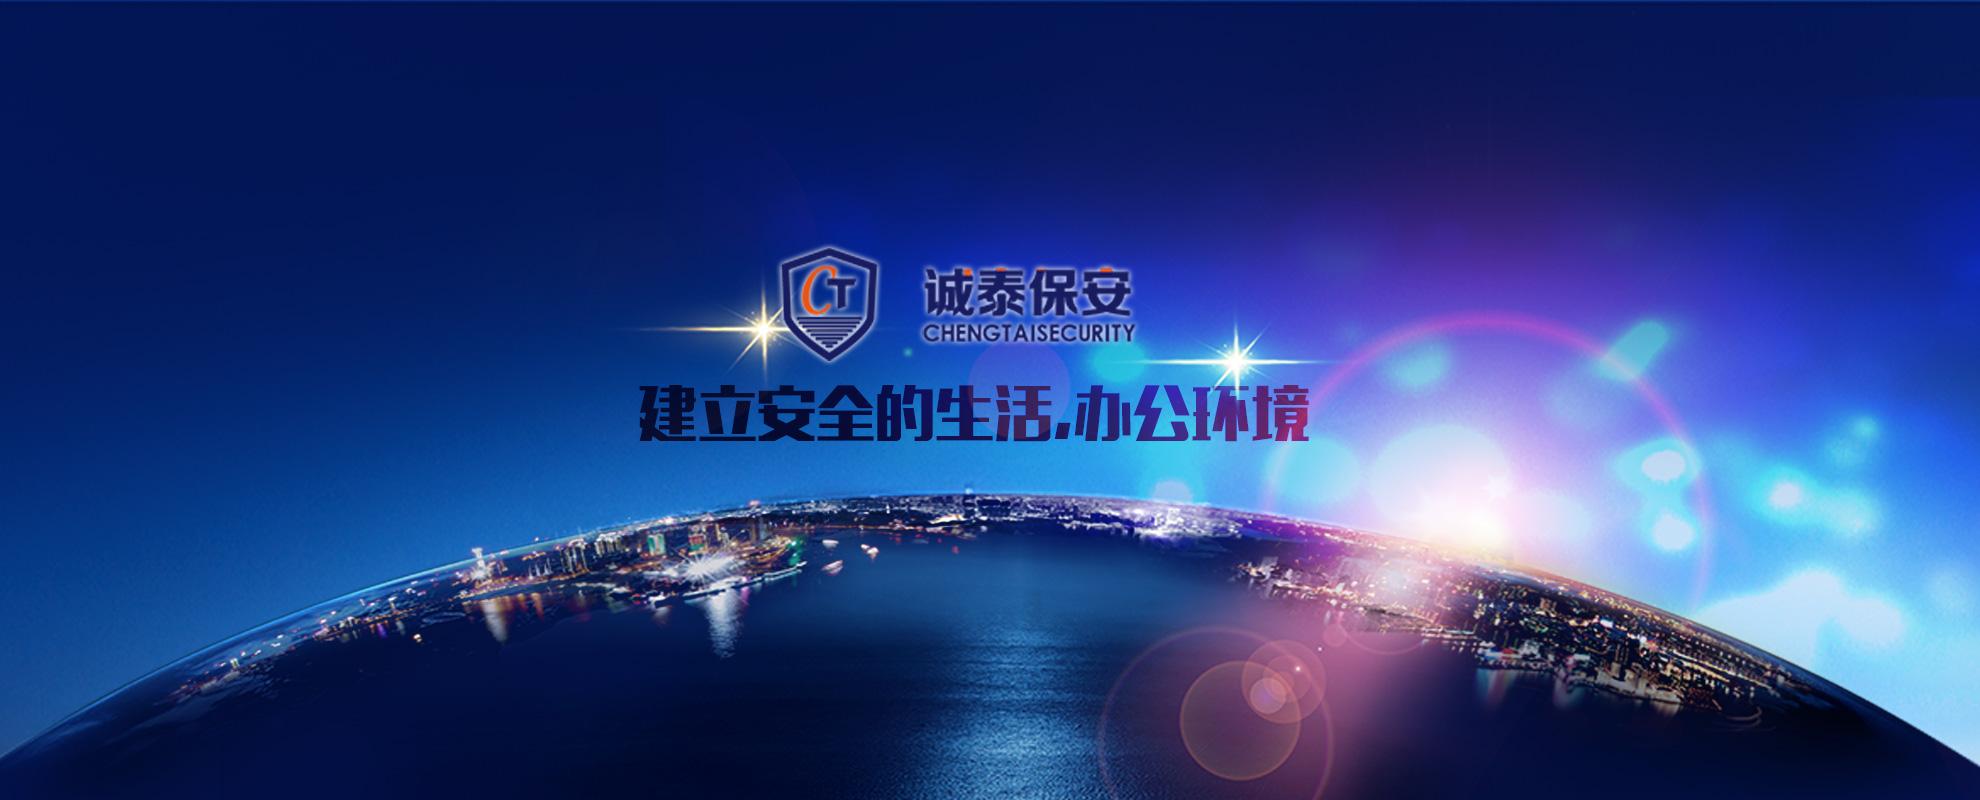 bob体育登录-bob平台-BOB体育官网